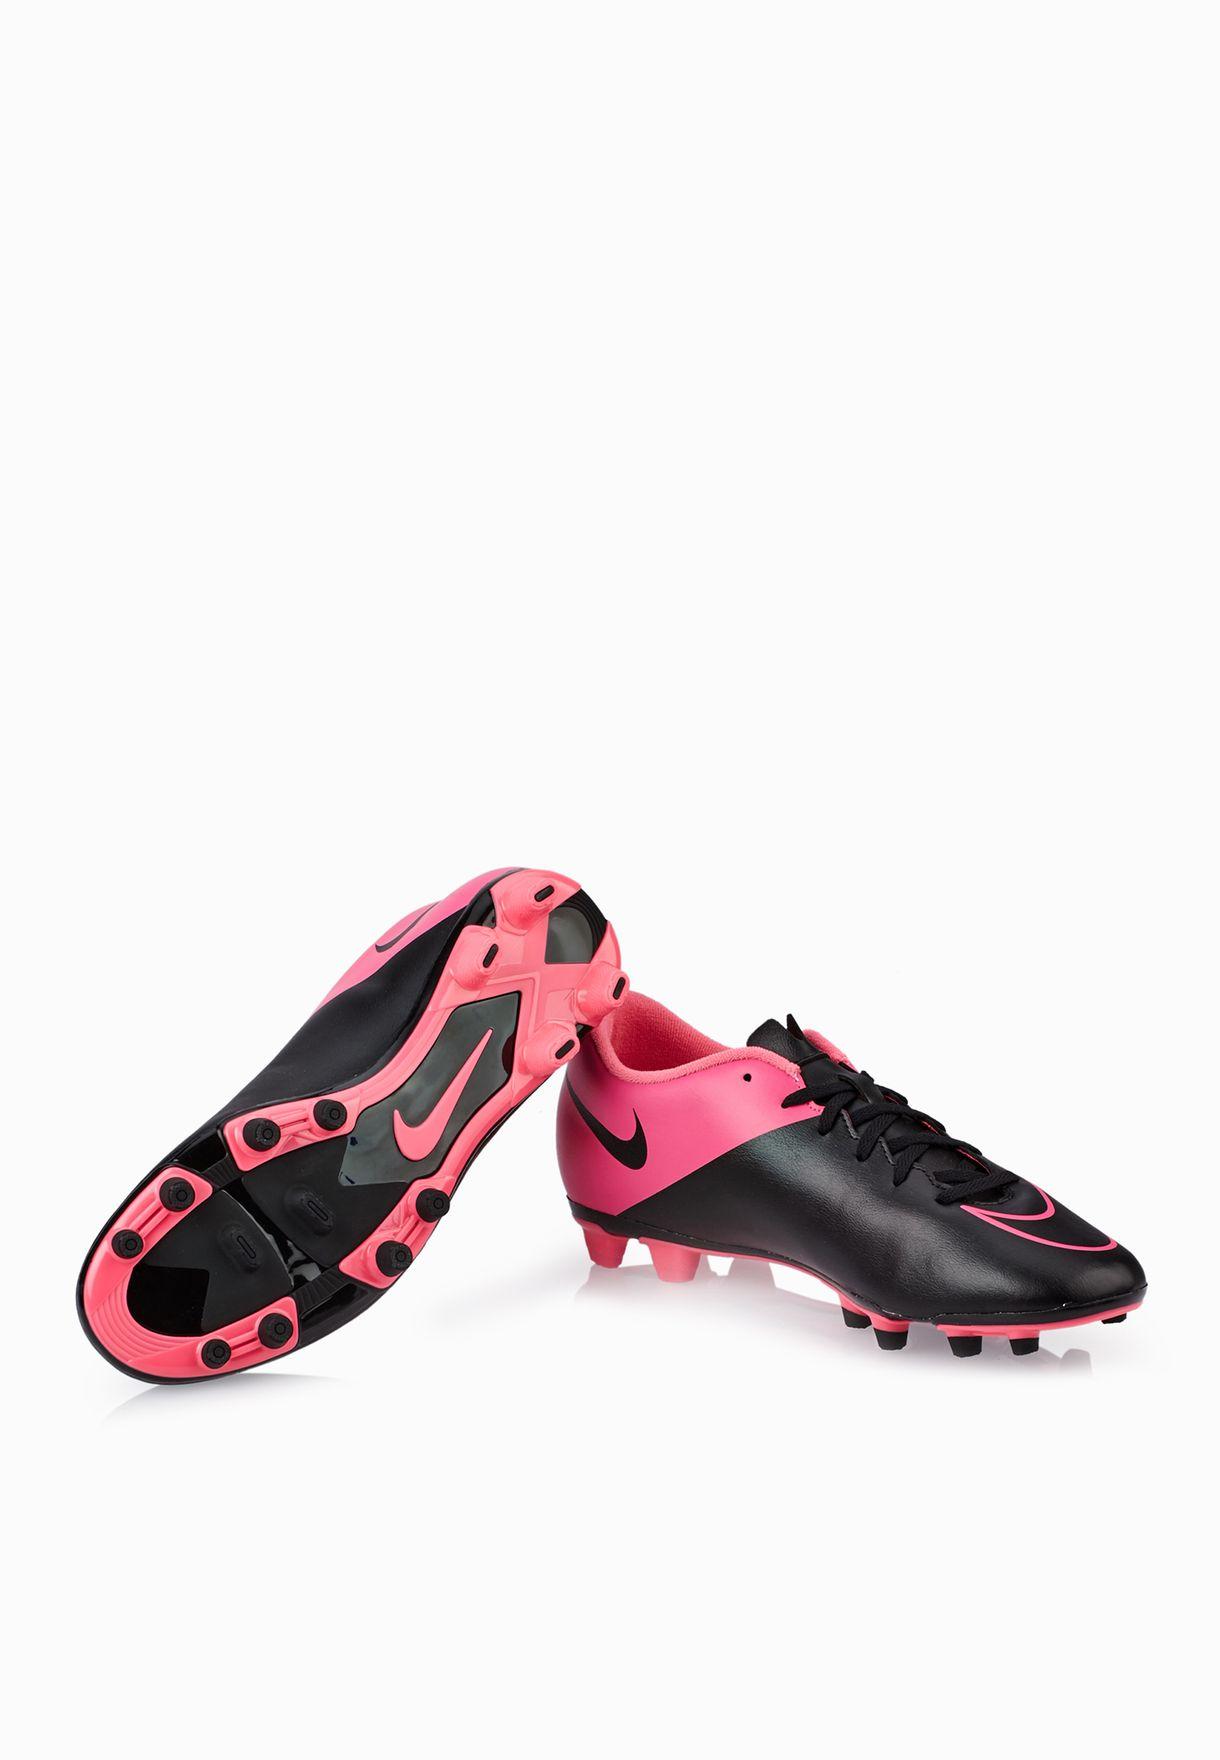 47f8faed60 Shop Nike multicolor Mercurial Vortex II FG 651647-006 for Men in ...